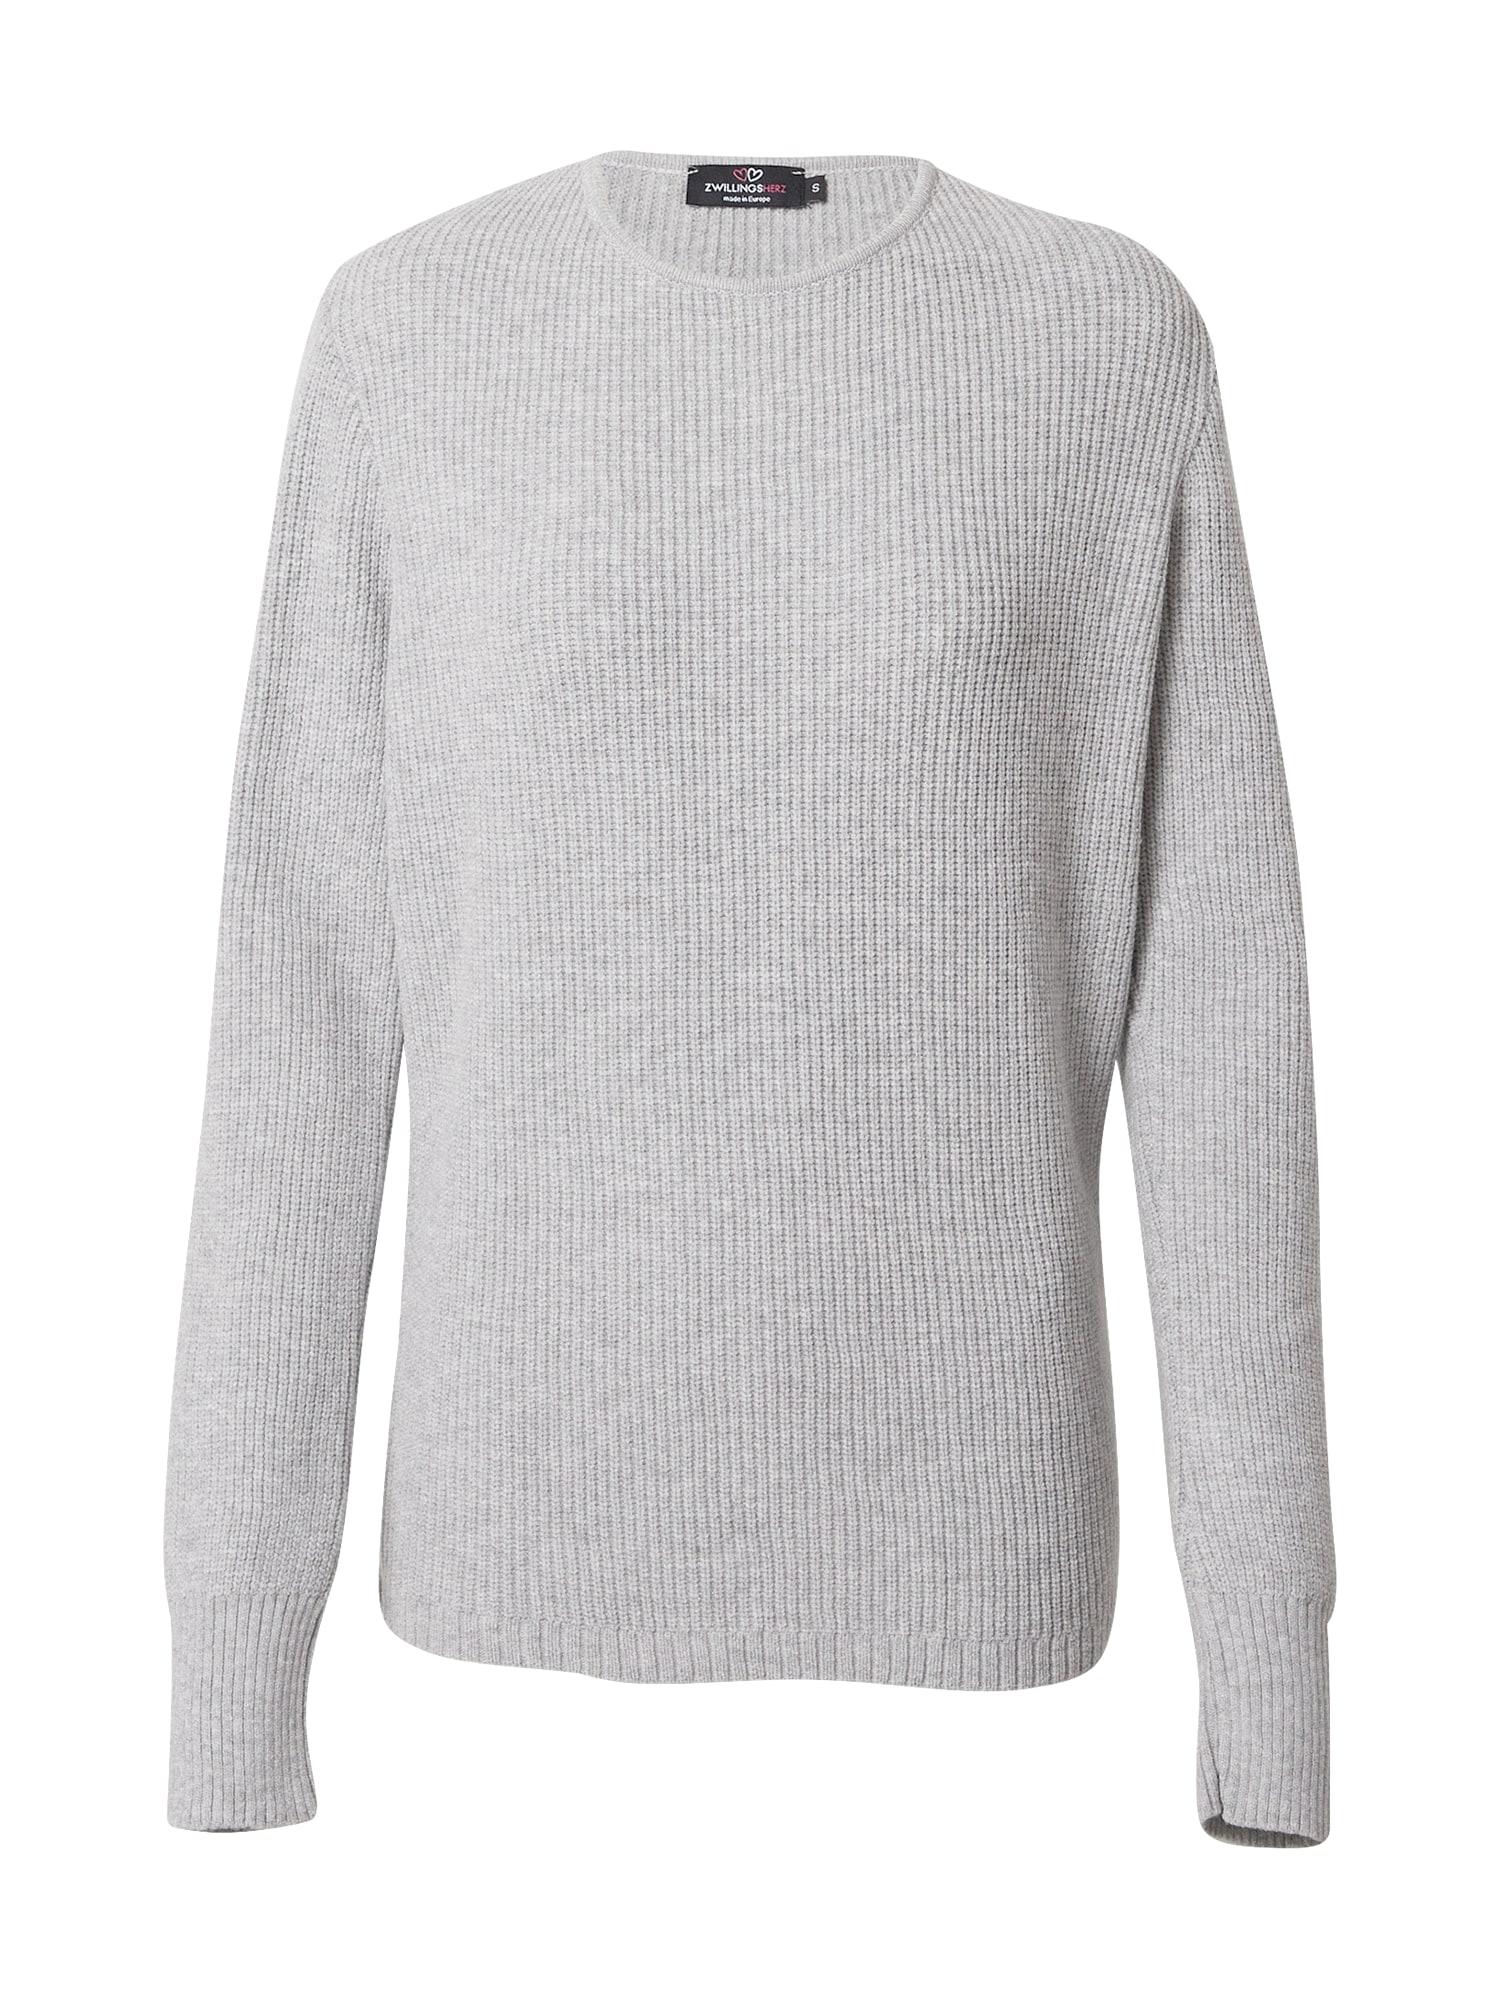 Zwillingsherz Megztinis šviesiai pilka